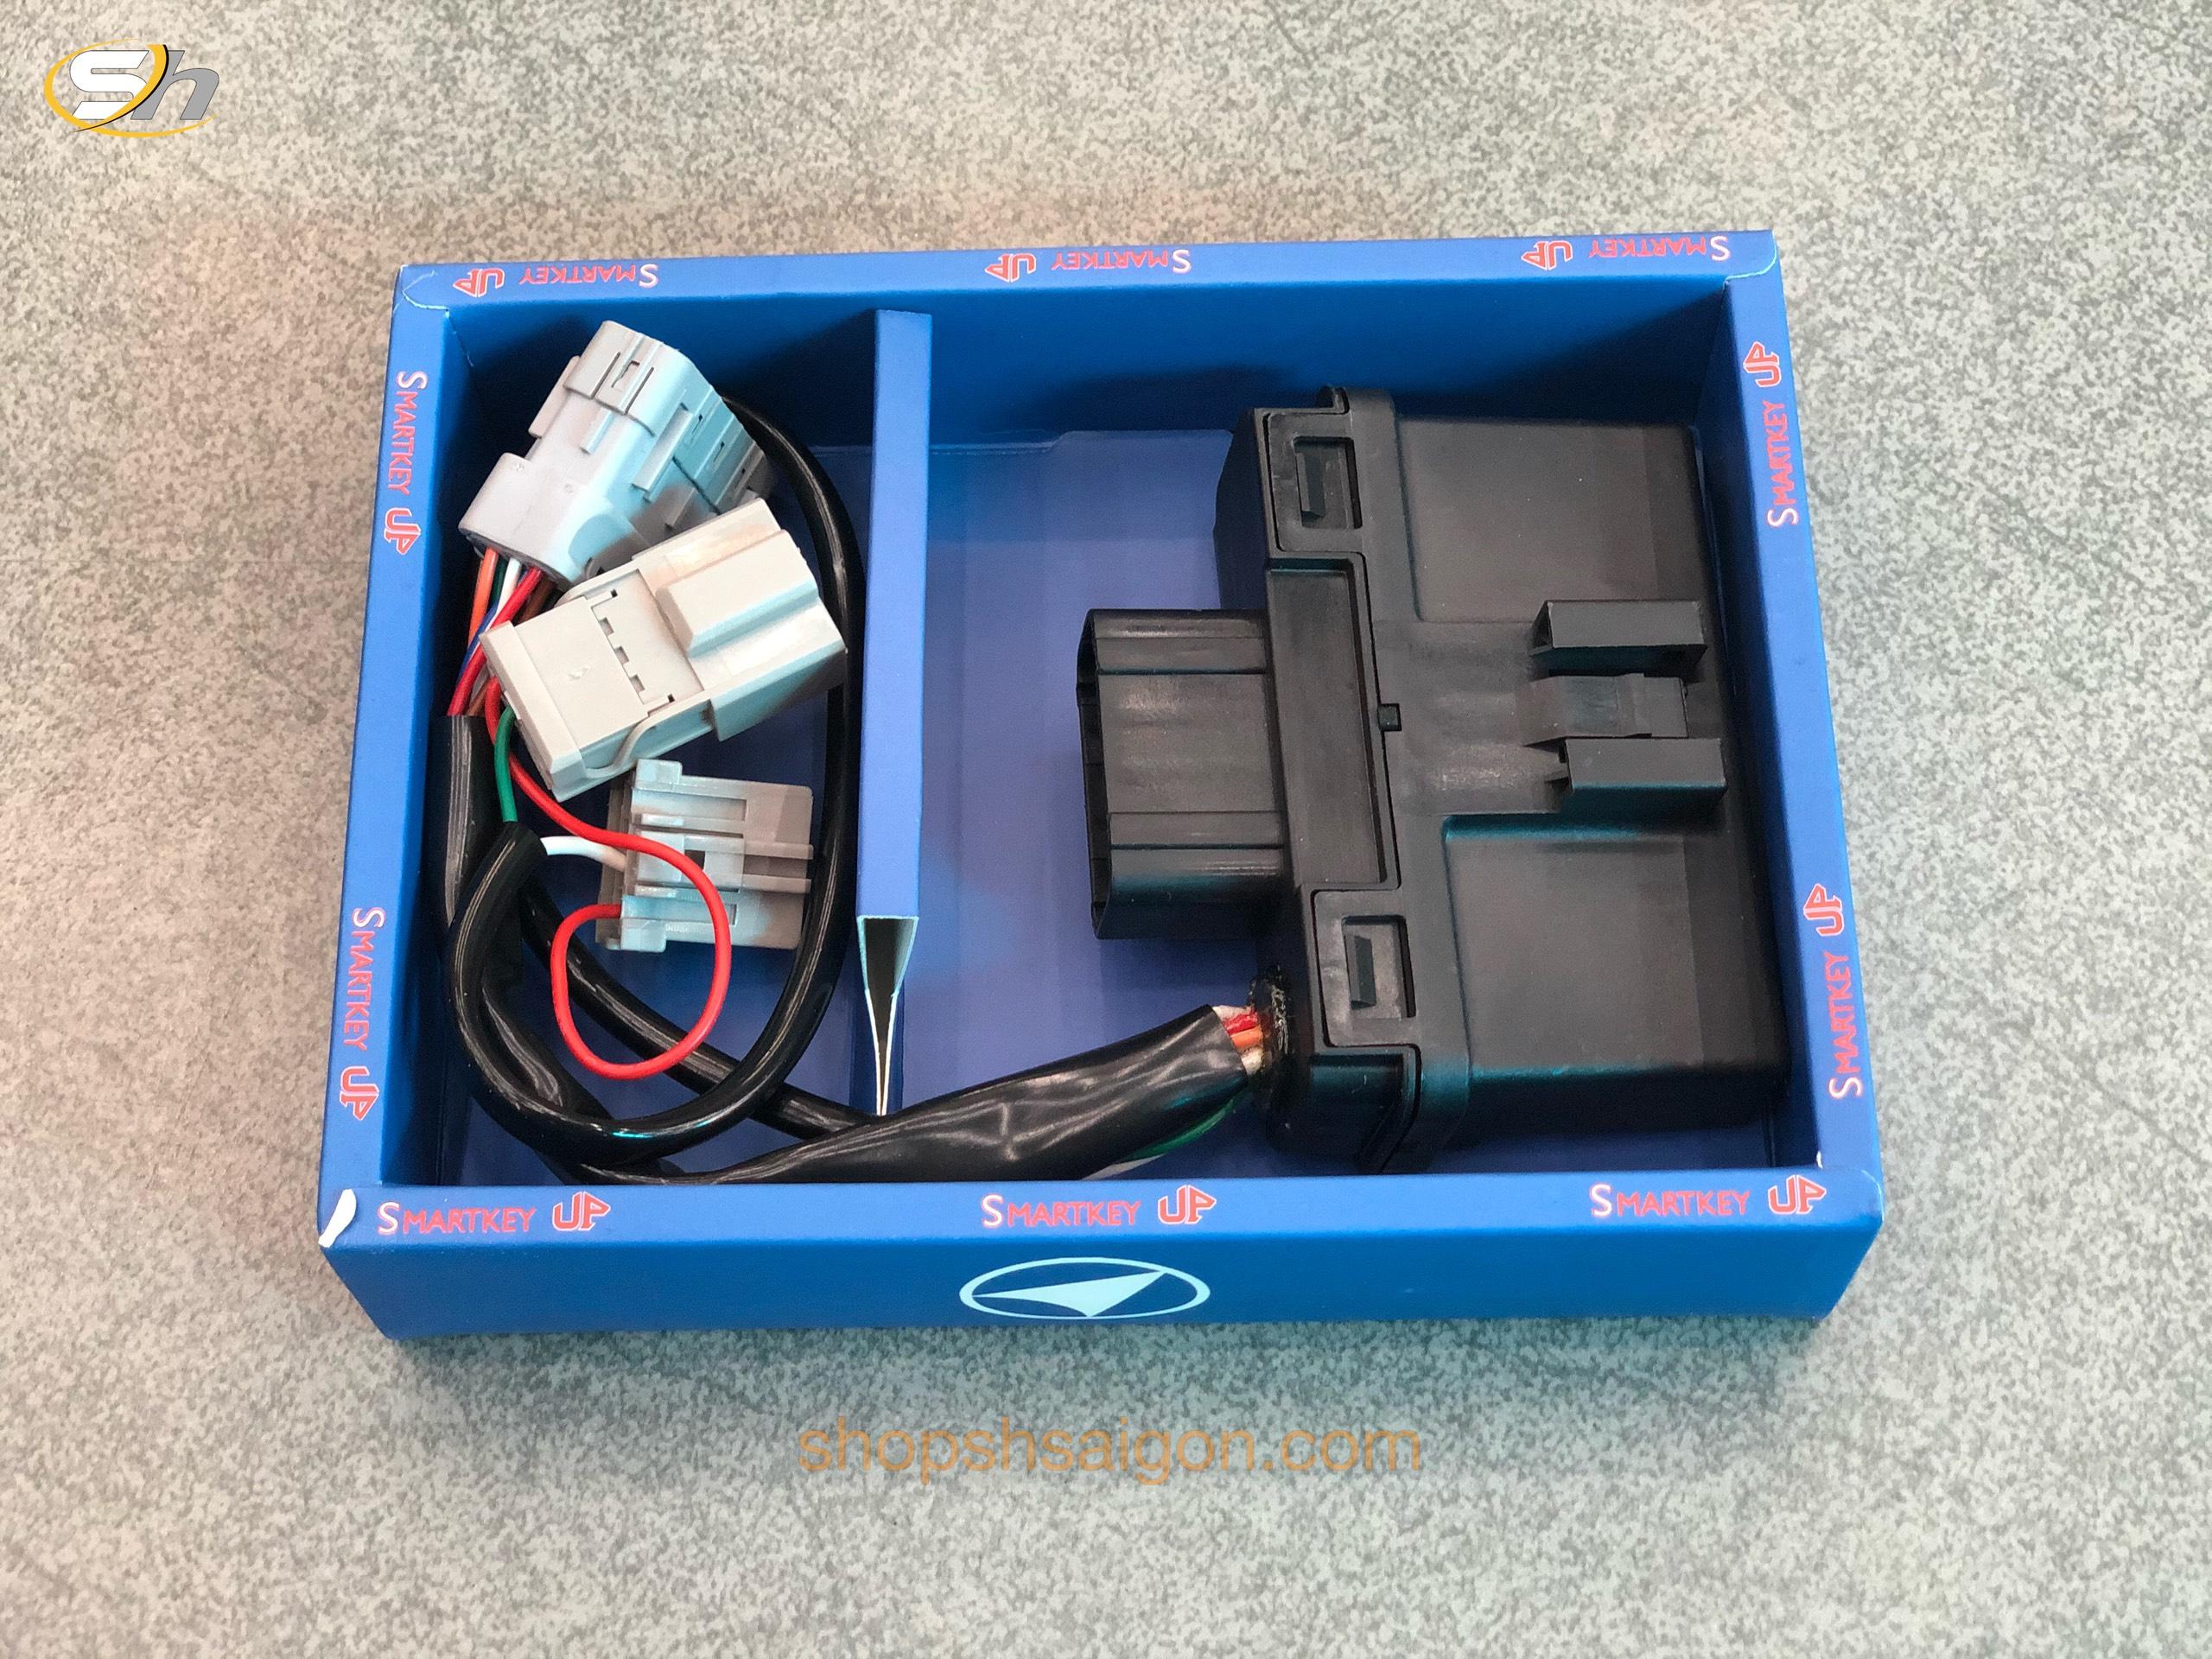 Bộ ECU Chống cướp - Quên tắt máy xe SMARTKEY UP 4